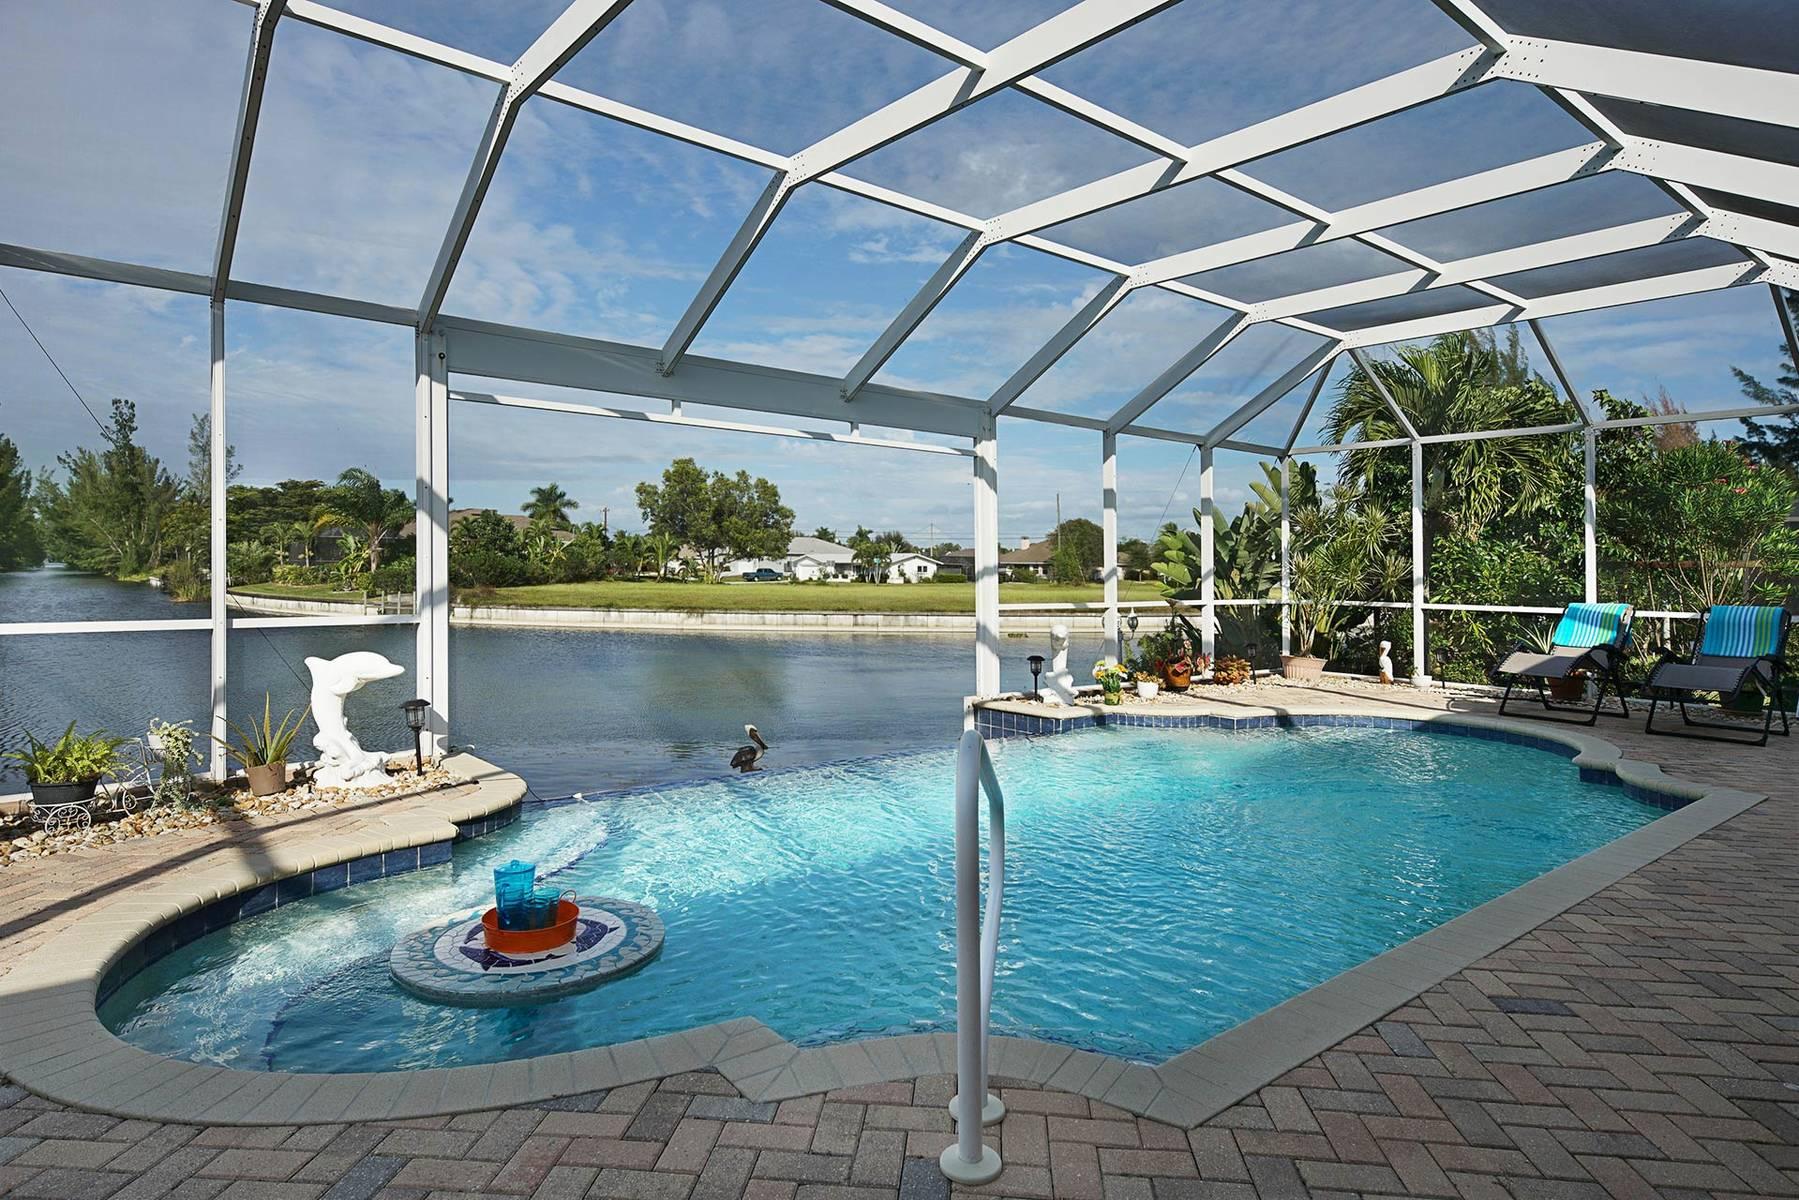 Außenküche Mit Xl : Villa cape coral 13092 u2013 infinity pool mit weitblick außenküche